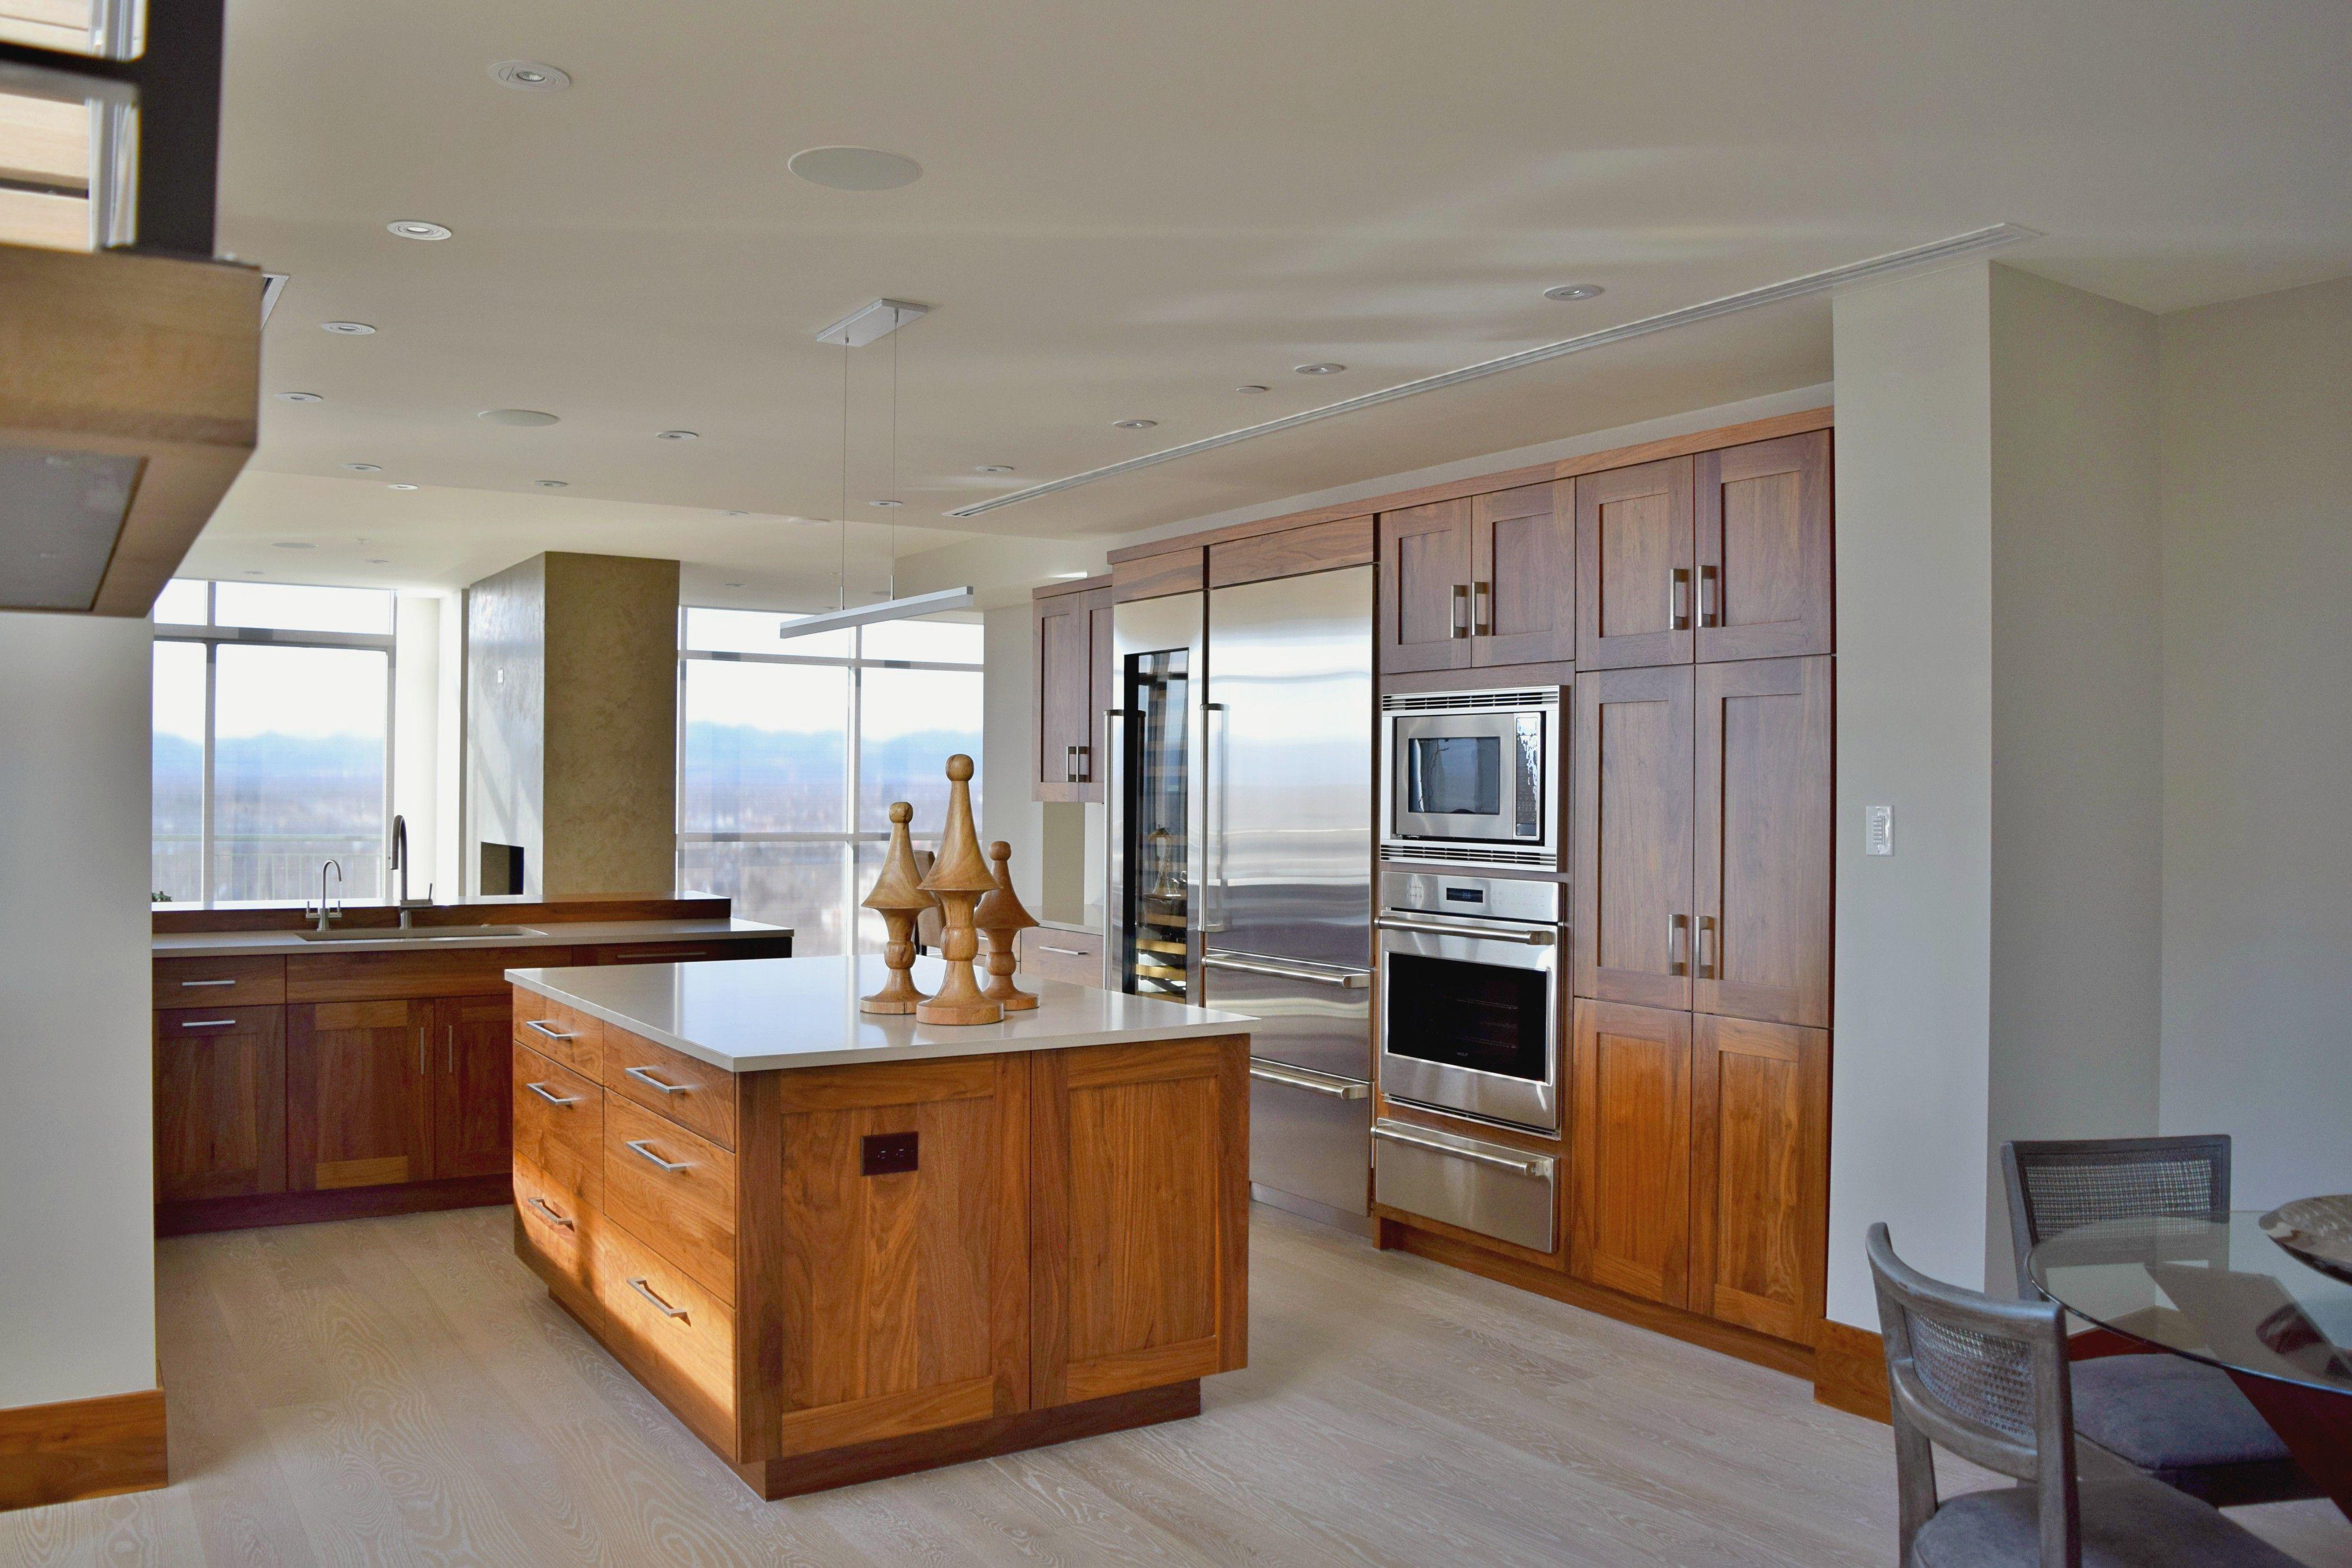 Kitchen Remodeling Denver Style Bkc Kitchen And Bath Denver Kitchen Cabinets  Crystal Cabinet .